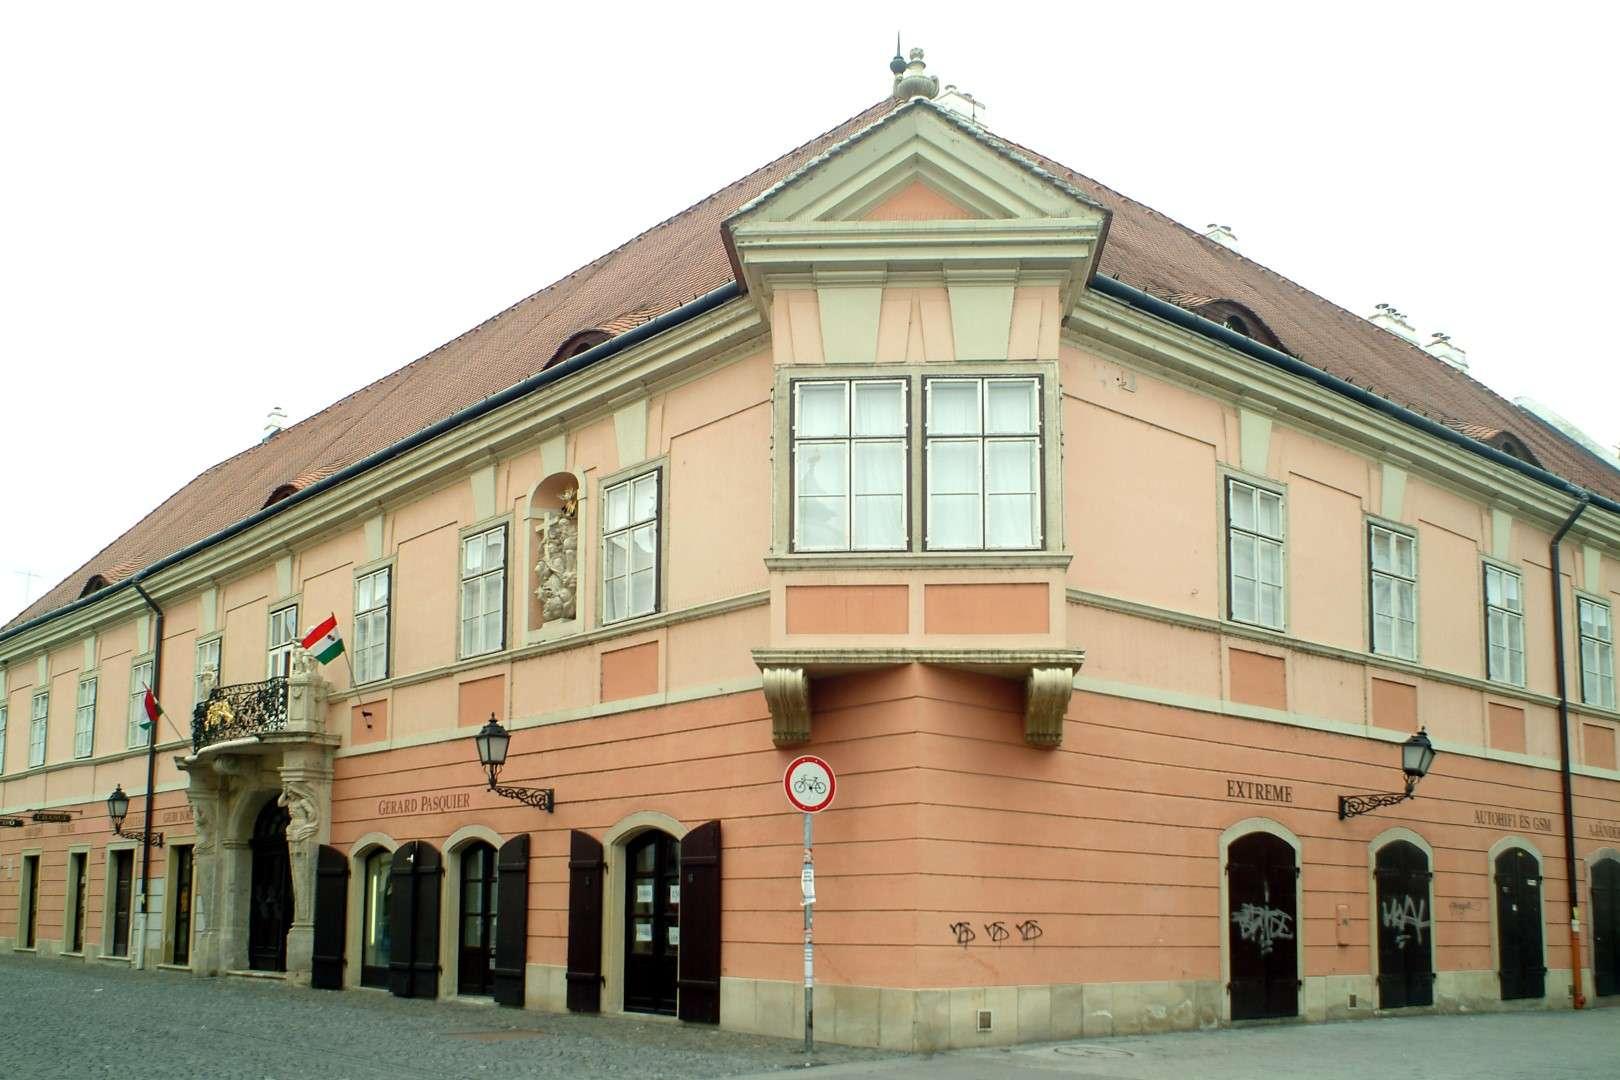 <a href='http://hellogyor.hu/en/sights/esterhazy-palace/'>Esterházy Palace</a>